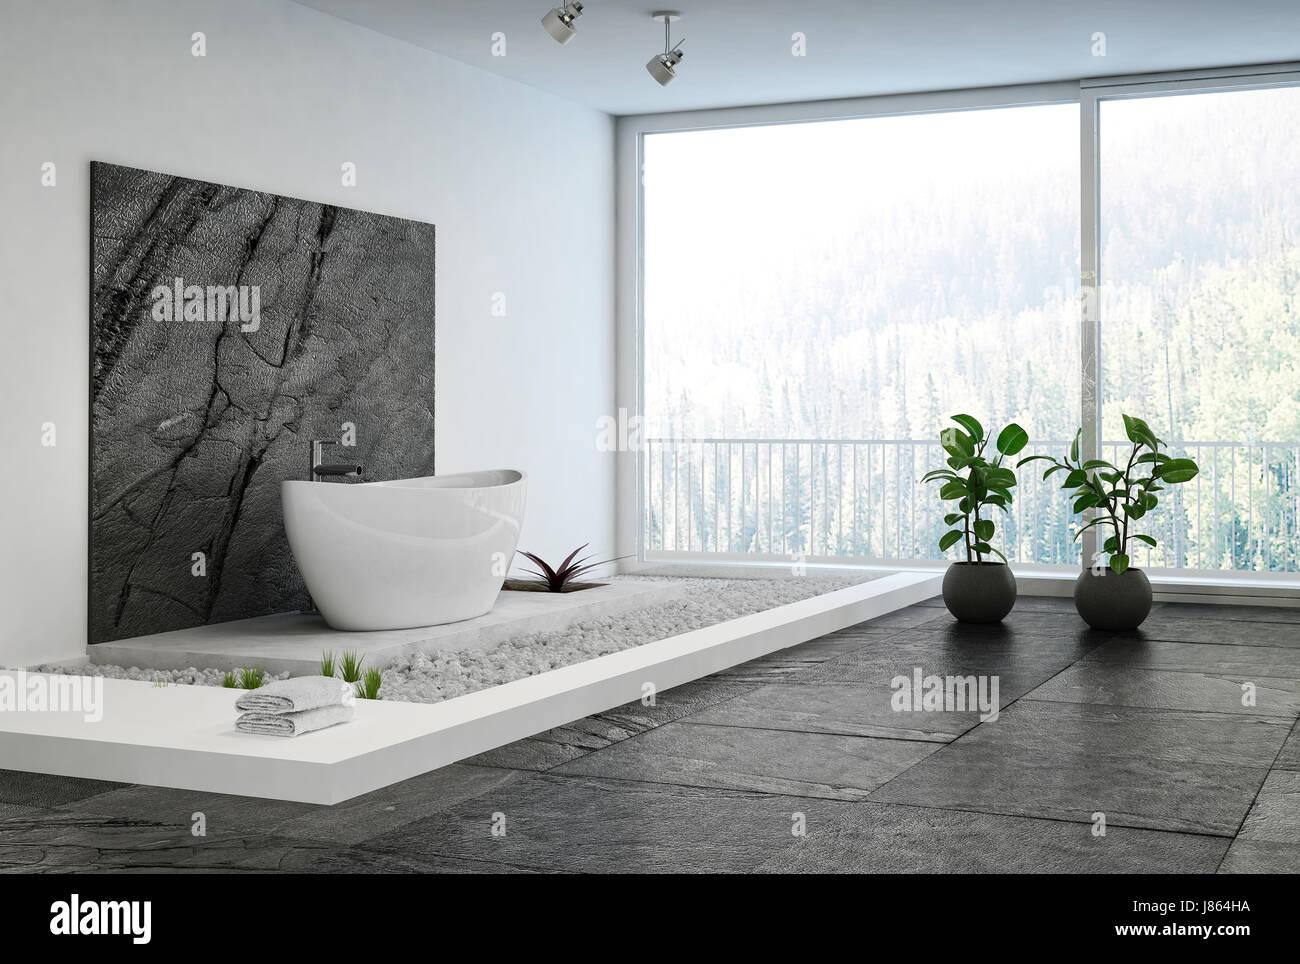 Luxury elegant minimalist bathroom interior with an oval bath on a ...